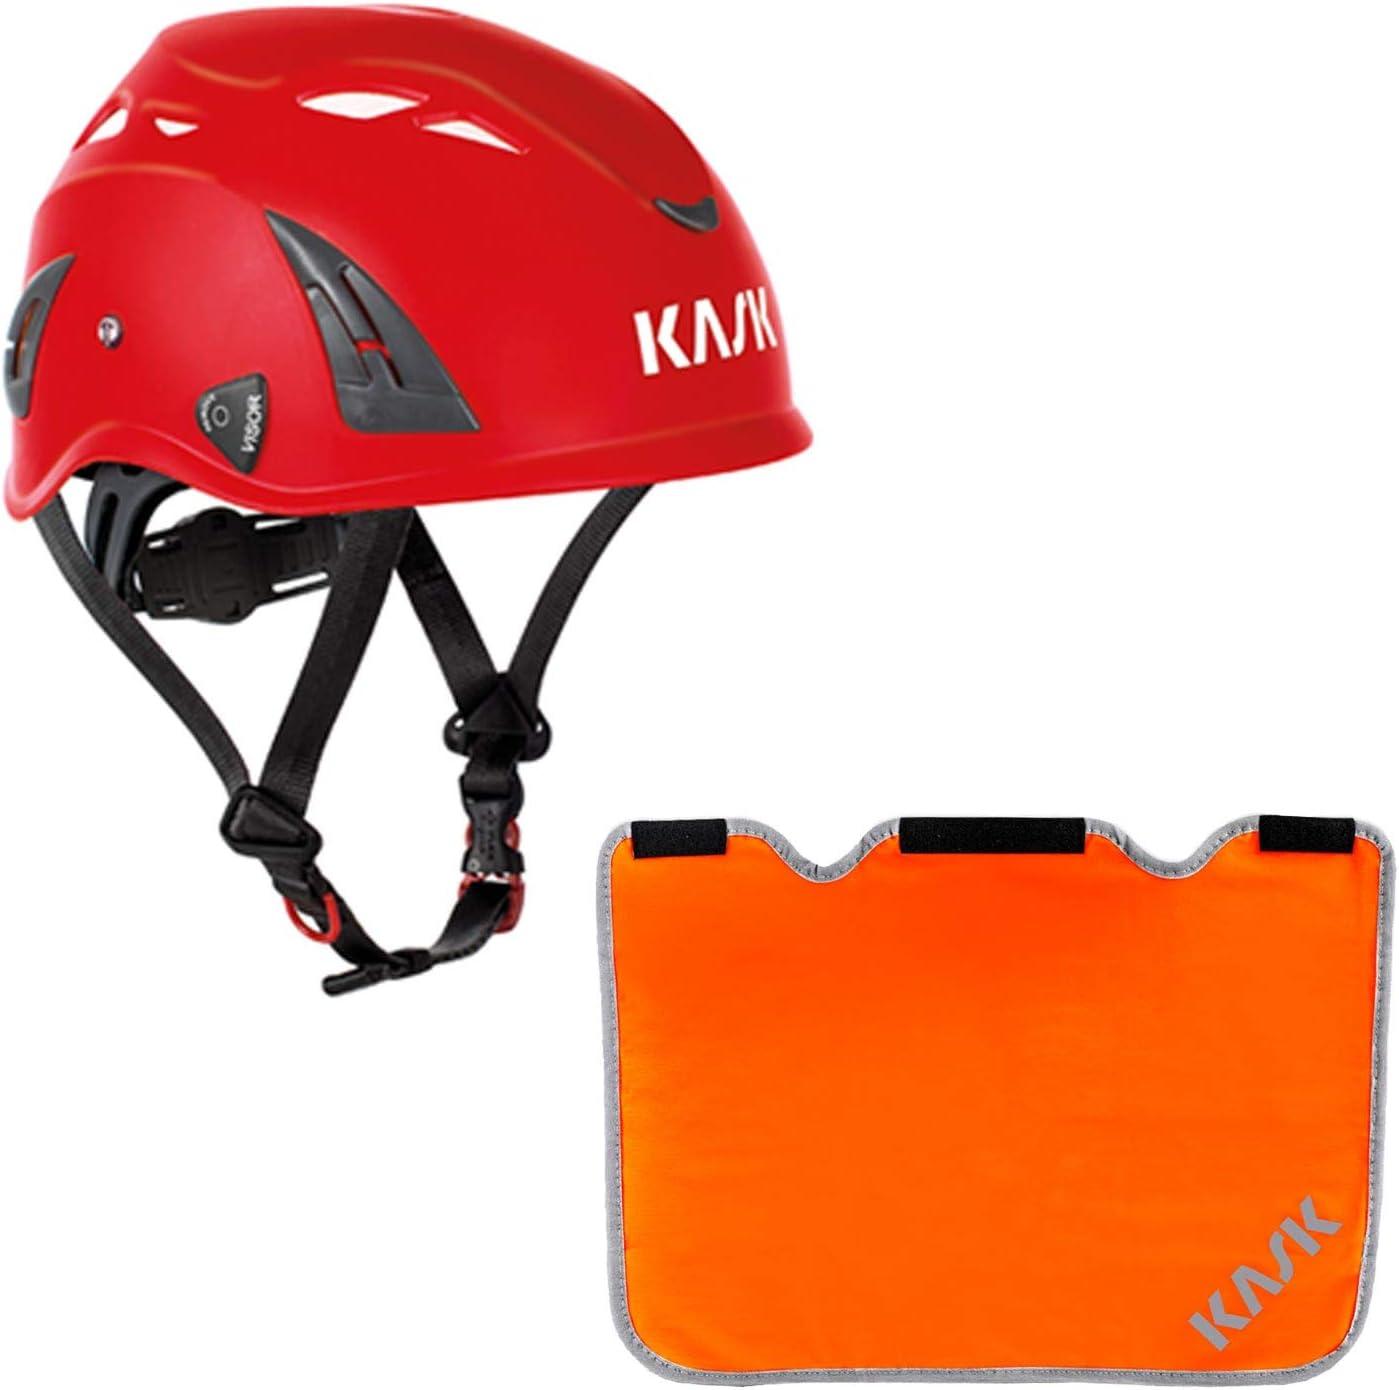 Bergsteigerhelm Drehrad Nackenschutz orange mit BG Bau F/örderung Industriekletterhelm Plasma AQ- Arbeitsschutzhelm KASK Schutzhelm Farbe:hellblau